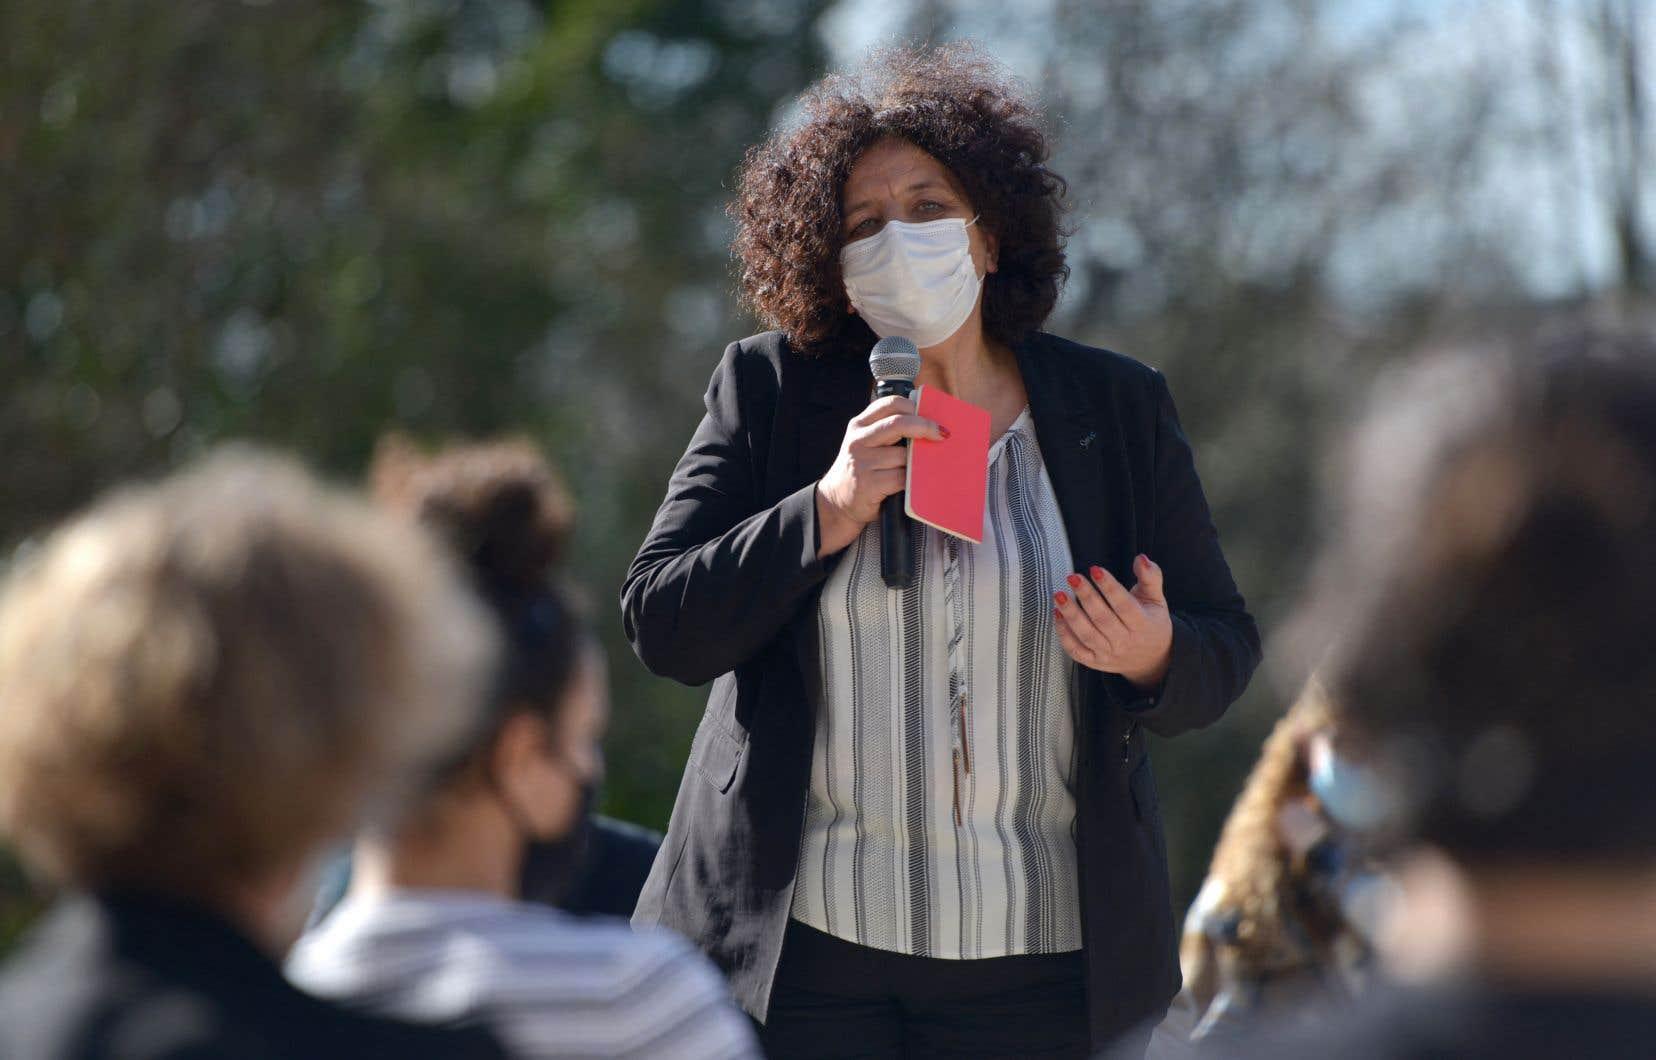 La ministre française de l'Enseignement supérieur, Frédérique Vidal, s'adressait à des étudiants universitaires à Poitiers, mardi.